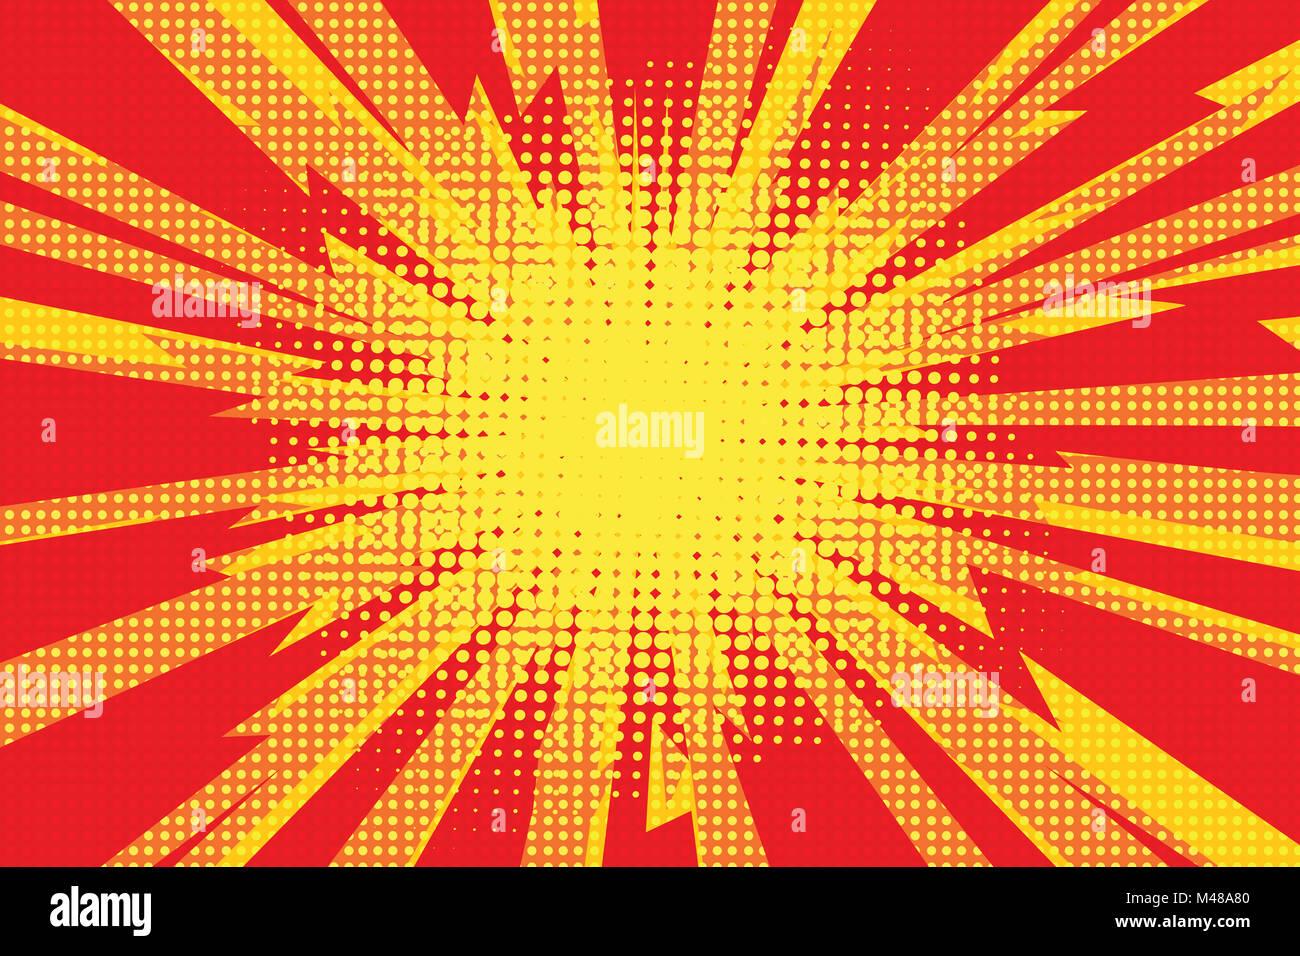 Rosso Giallo Pop Art Retrò Cartoon Sfondo Fulmine Esplosivo Radi